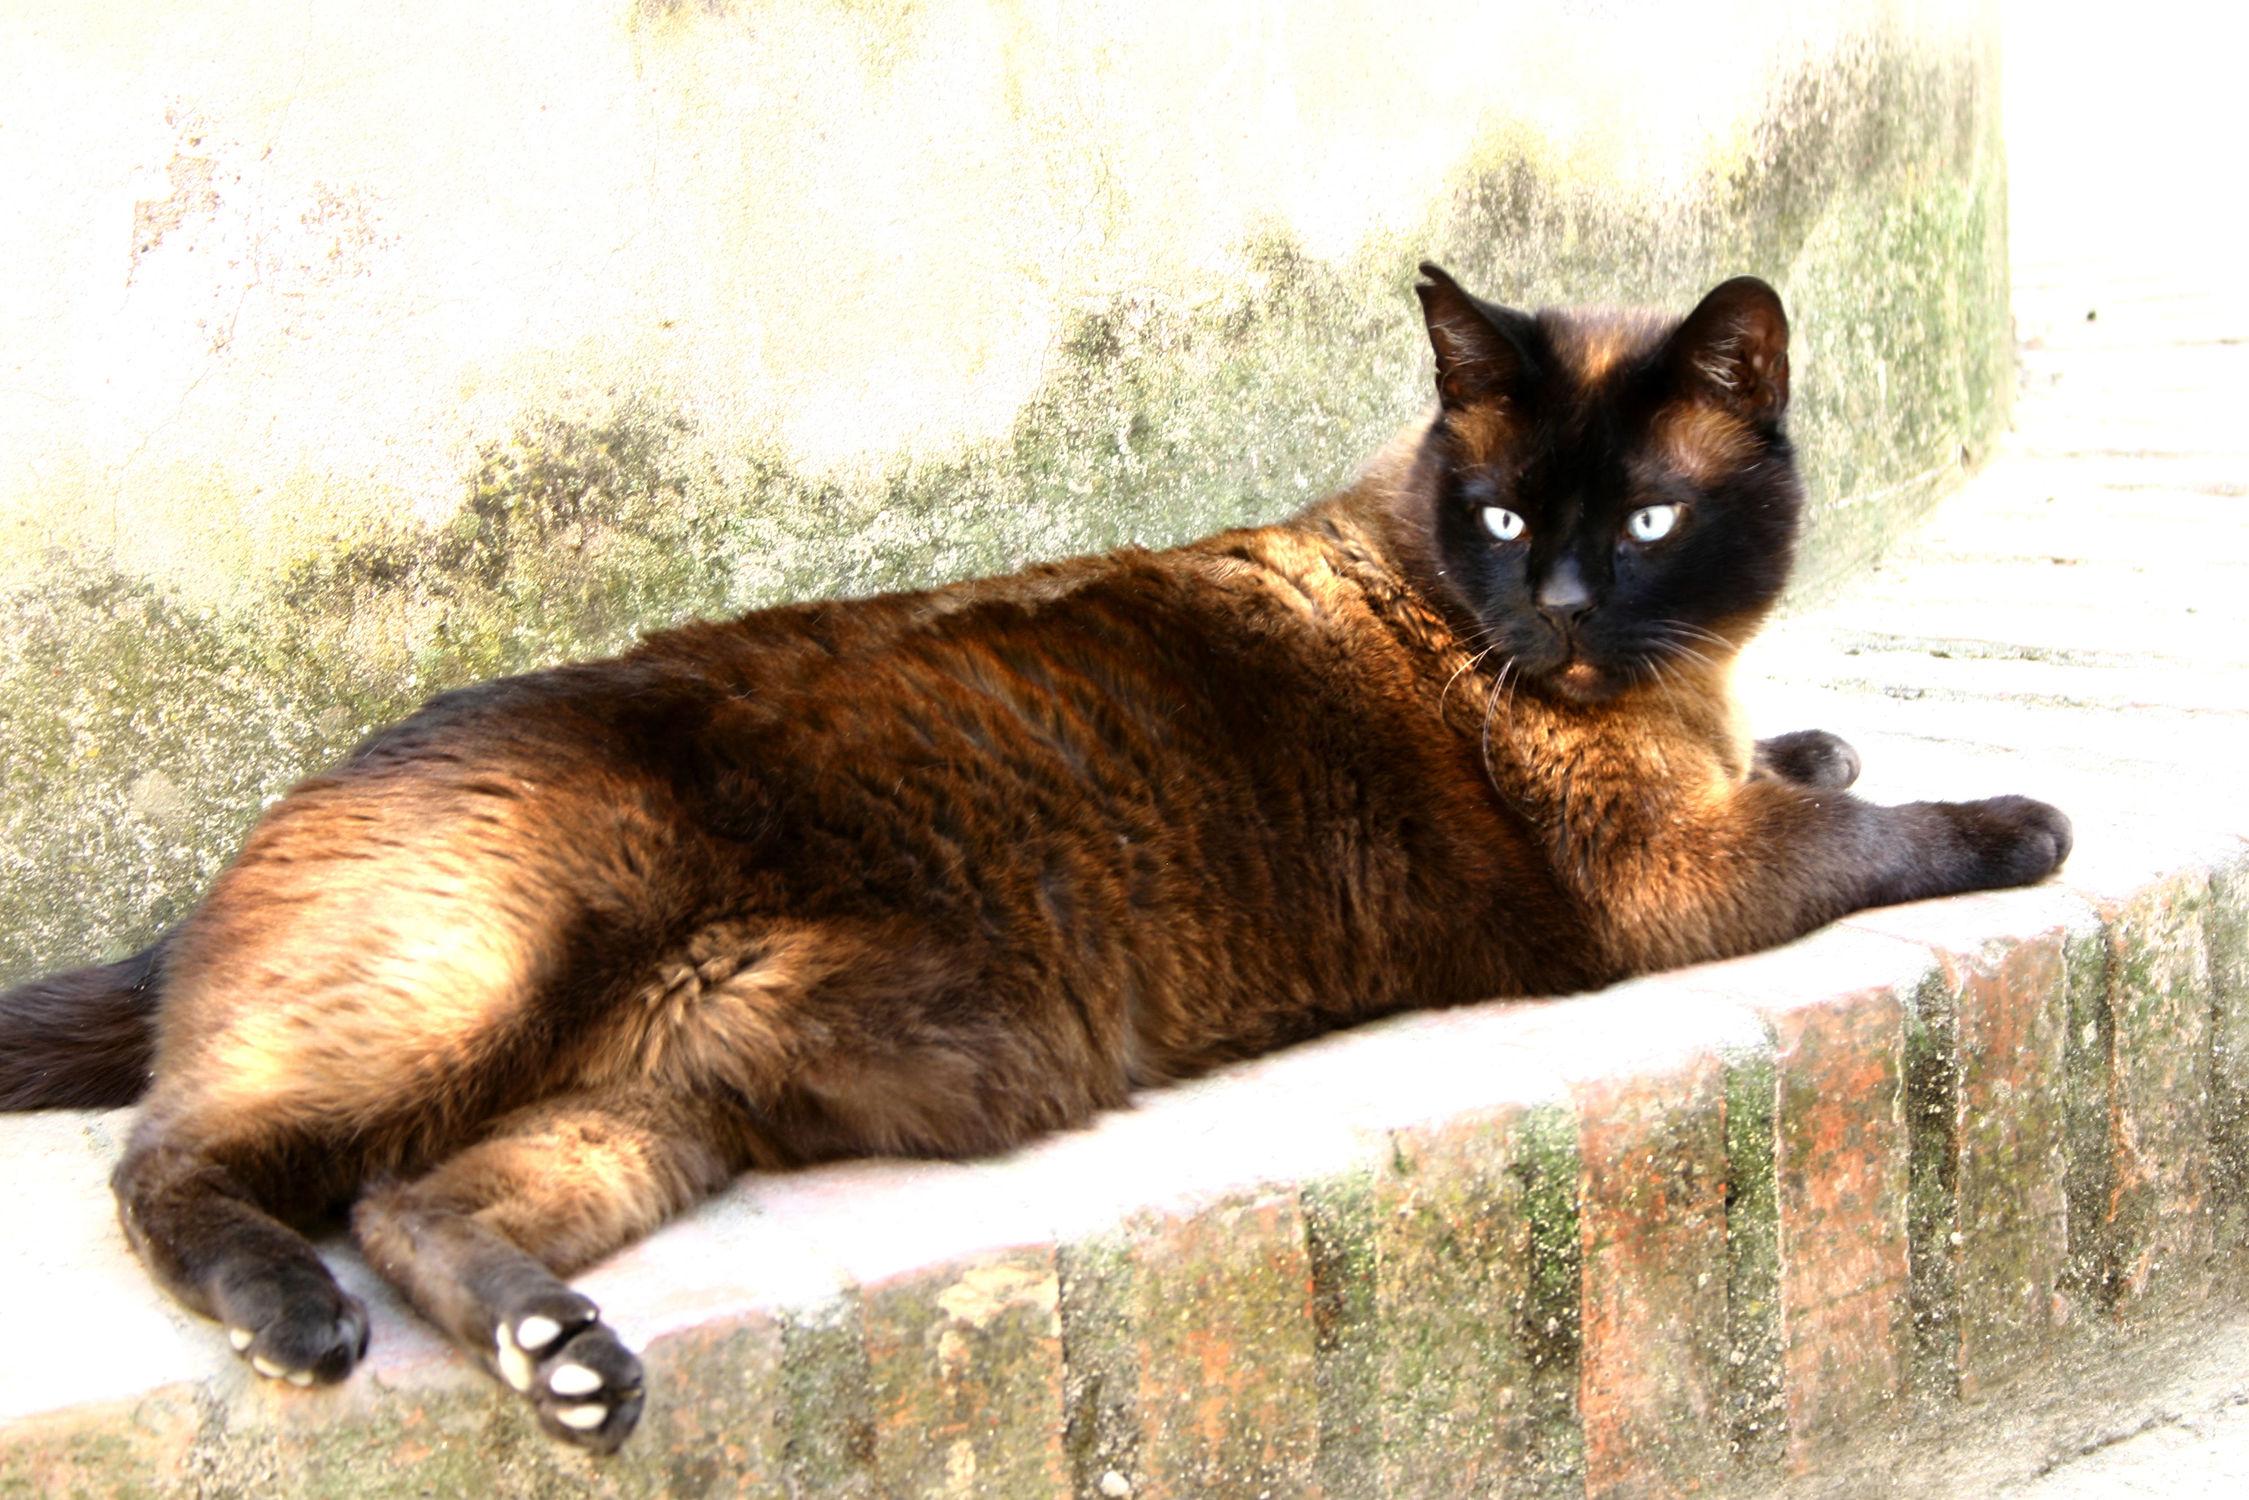 Bild mit Tiere, Haustiere, Katzen, Katze, Katzenbilder